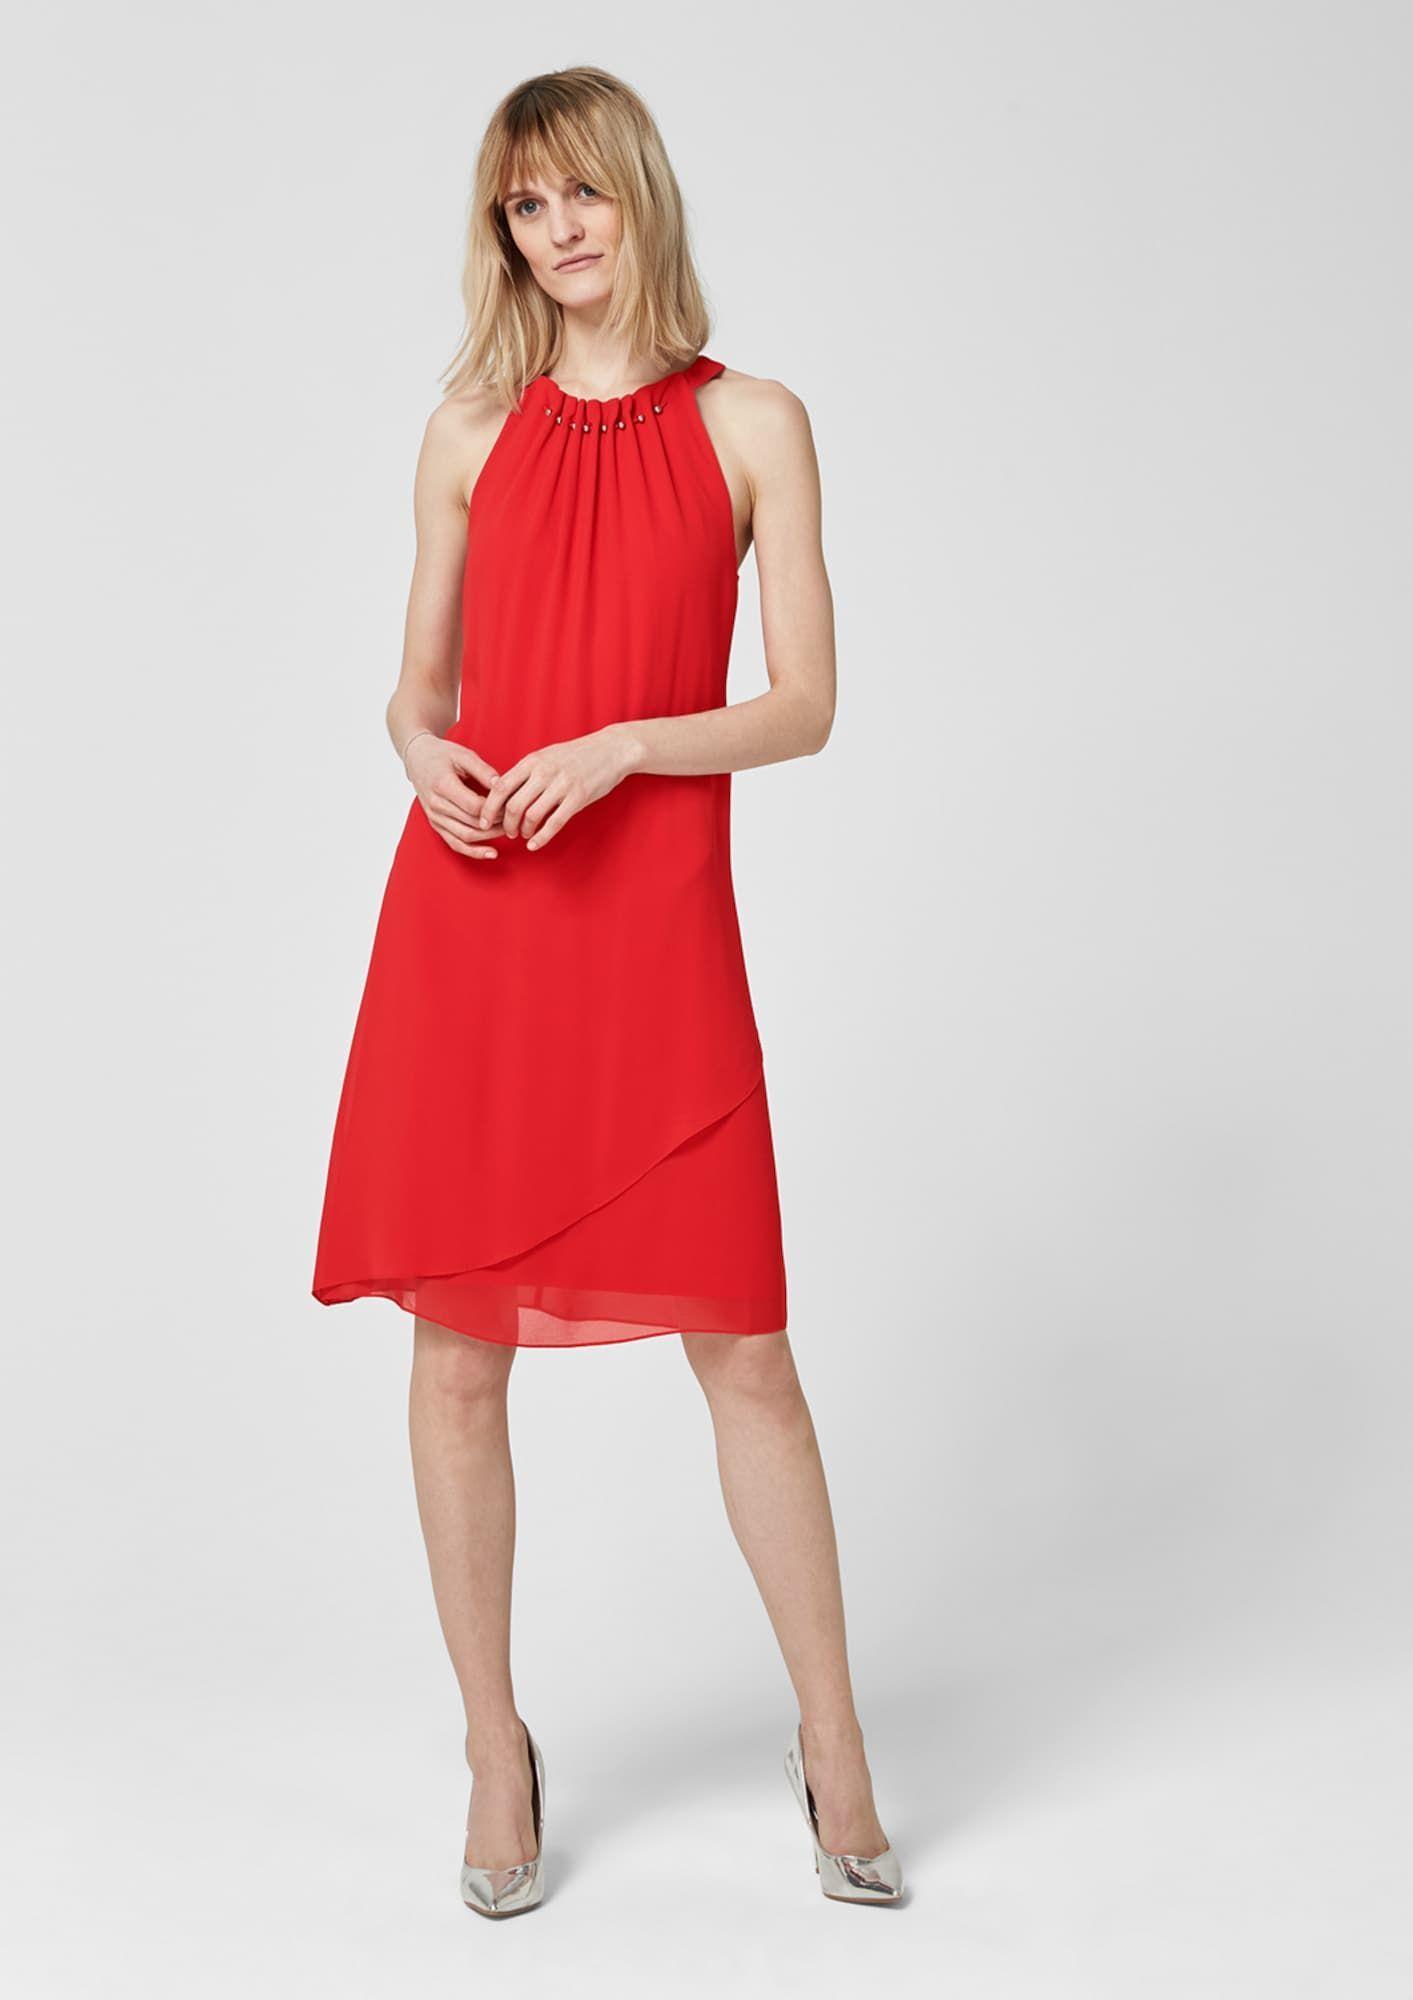 S.Oliver BLACK LABEL Kleid Damen, Rot, Größe 15 in 15  Chiffon